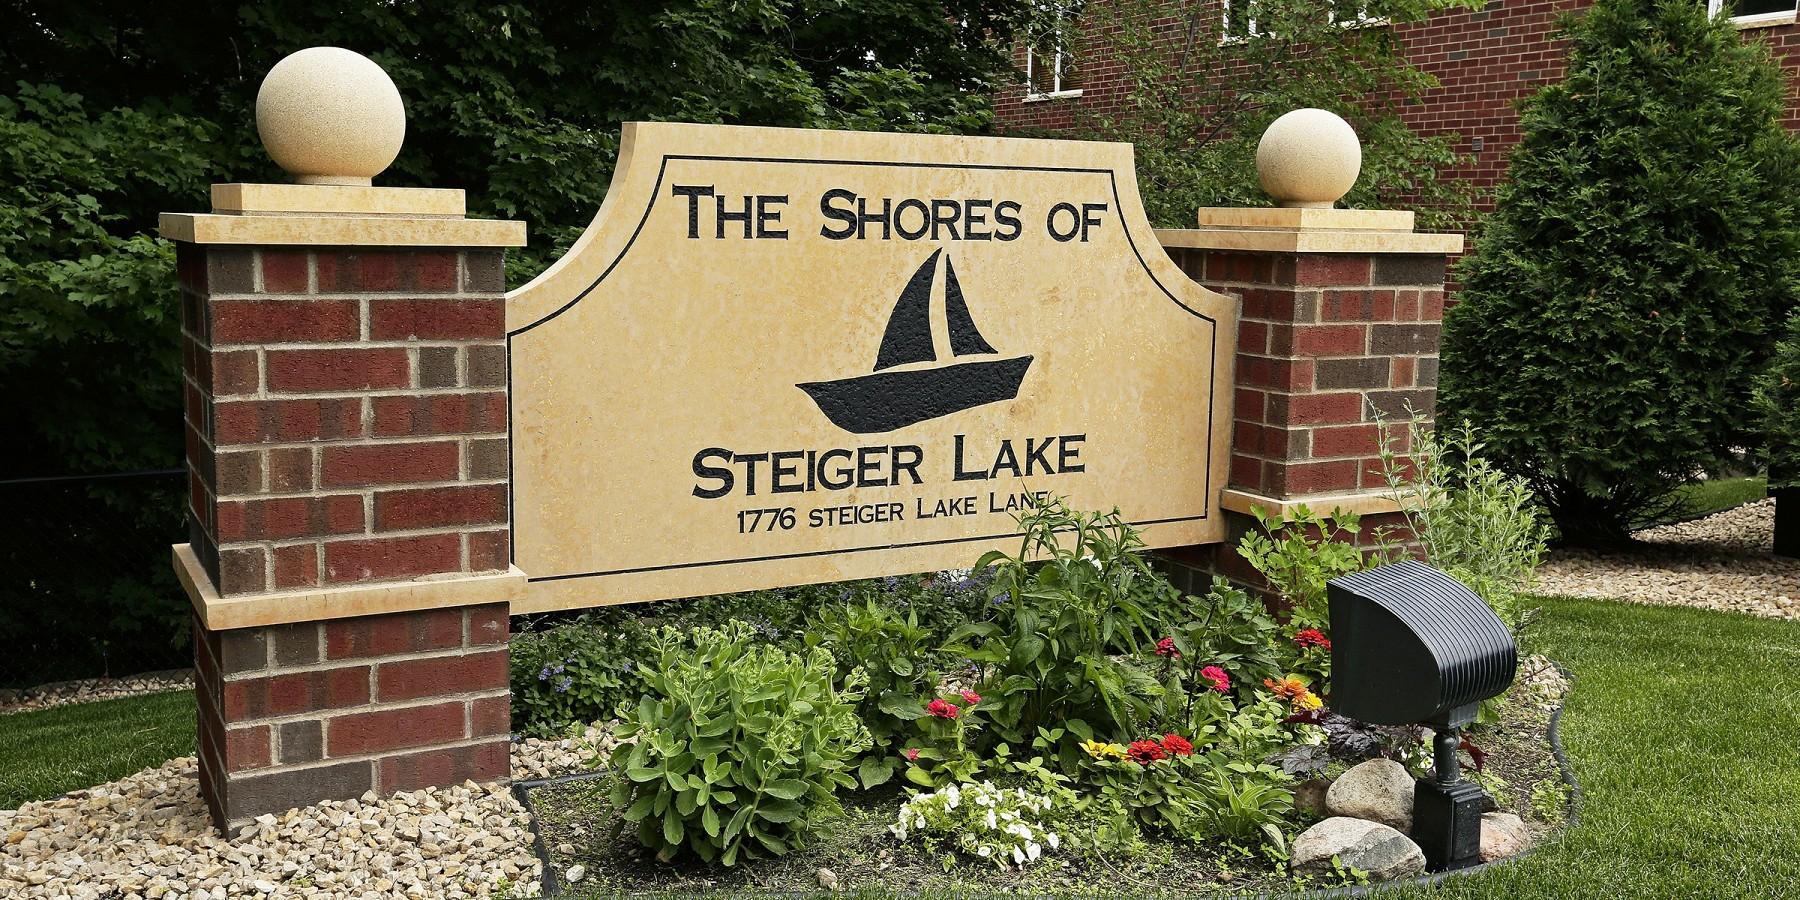 1776 Steiger Lake Lane, Victoria, MN 55386